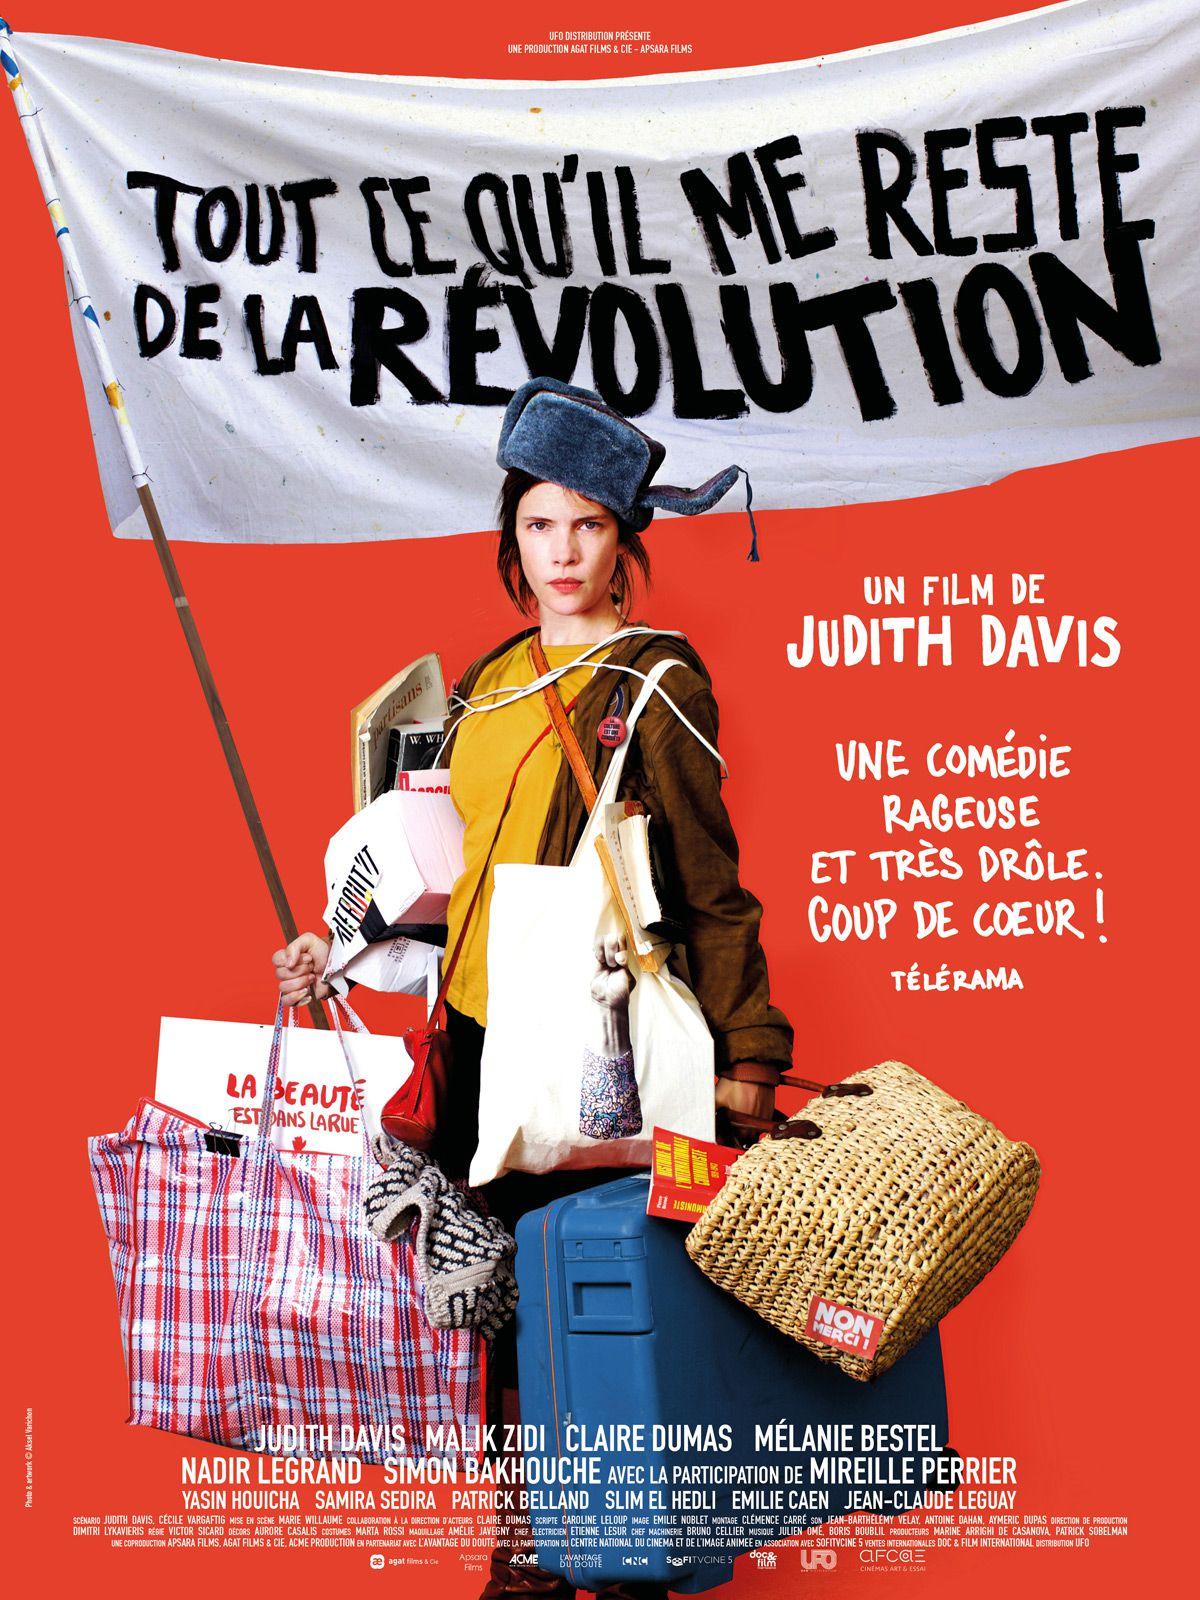 Tout ce qu'il me reste de la révolution - Film (2019)